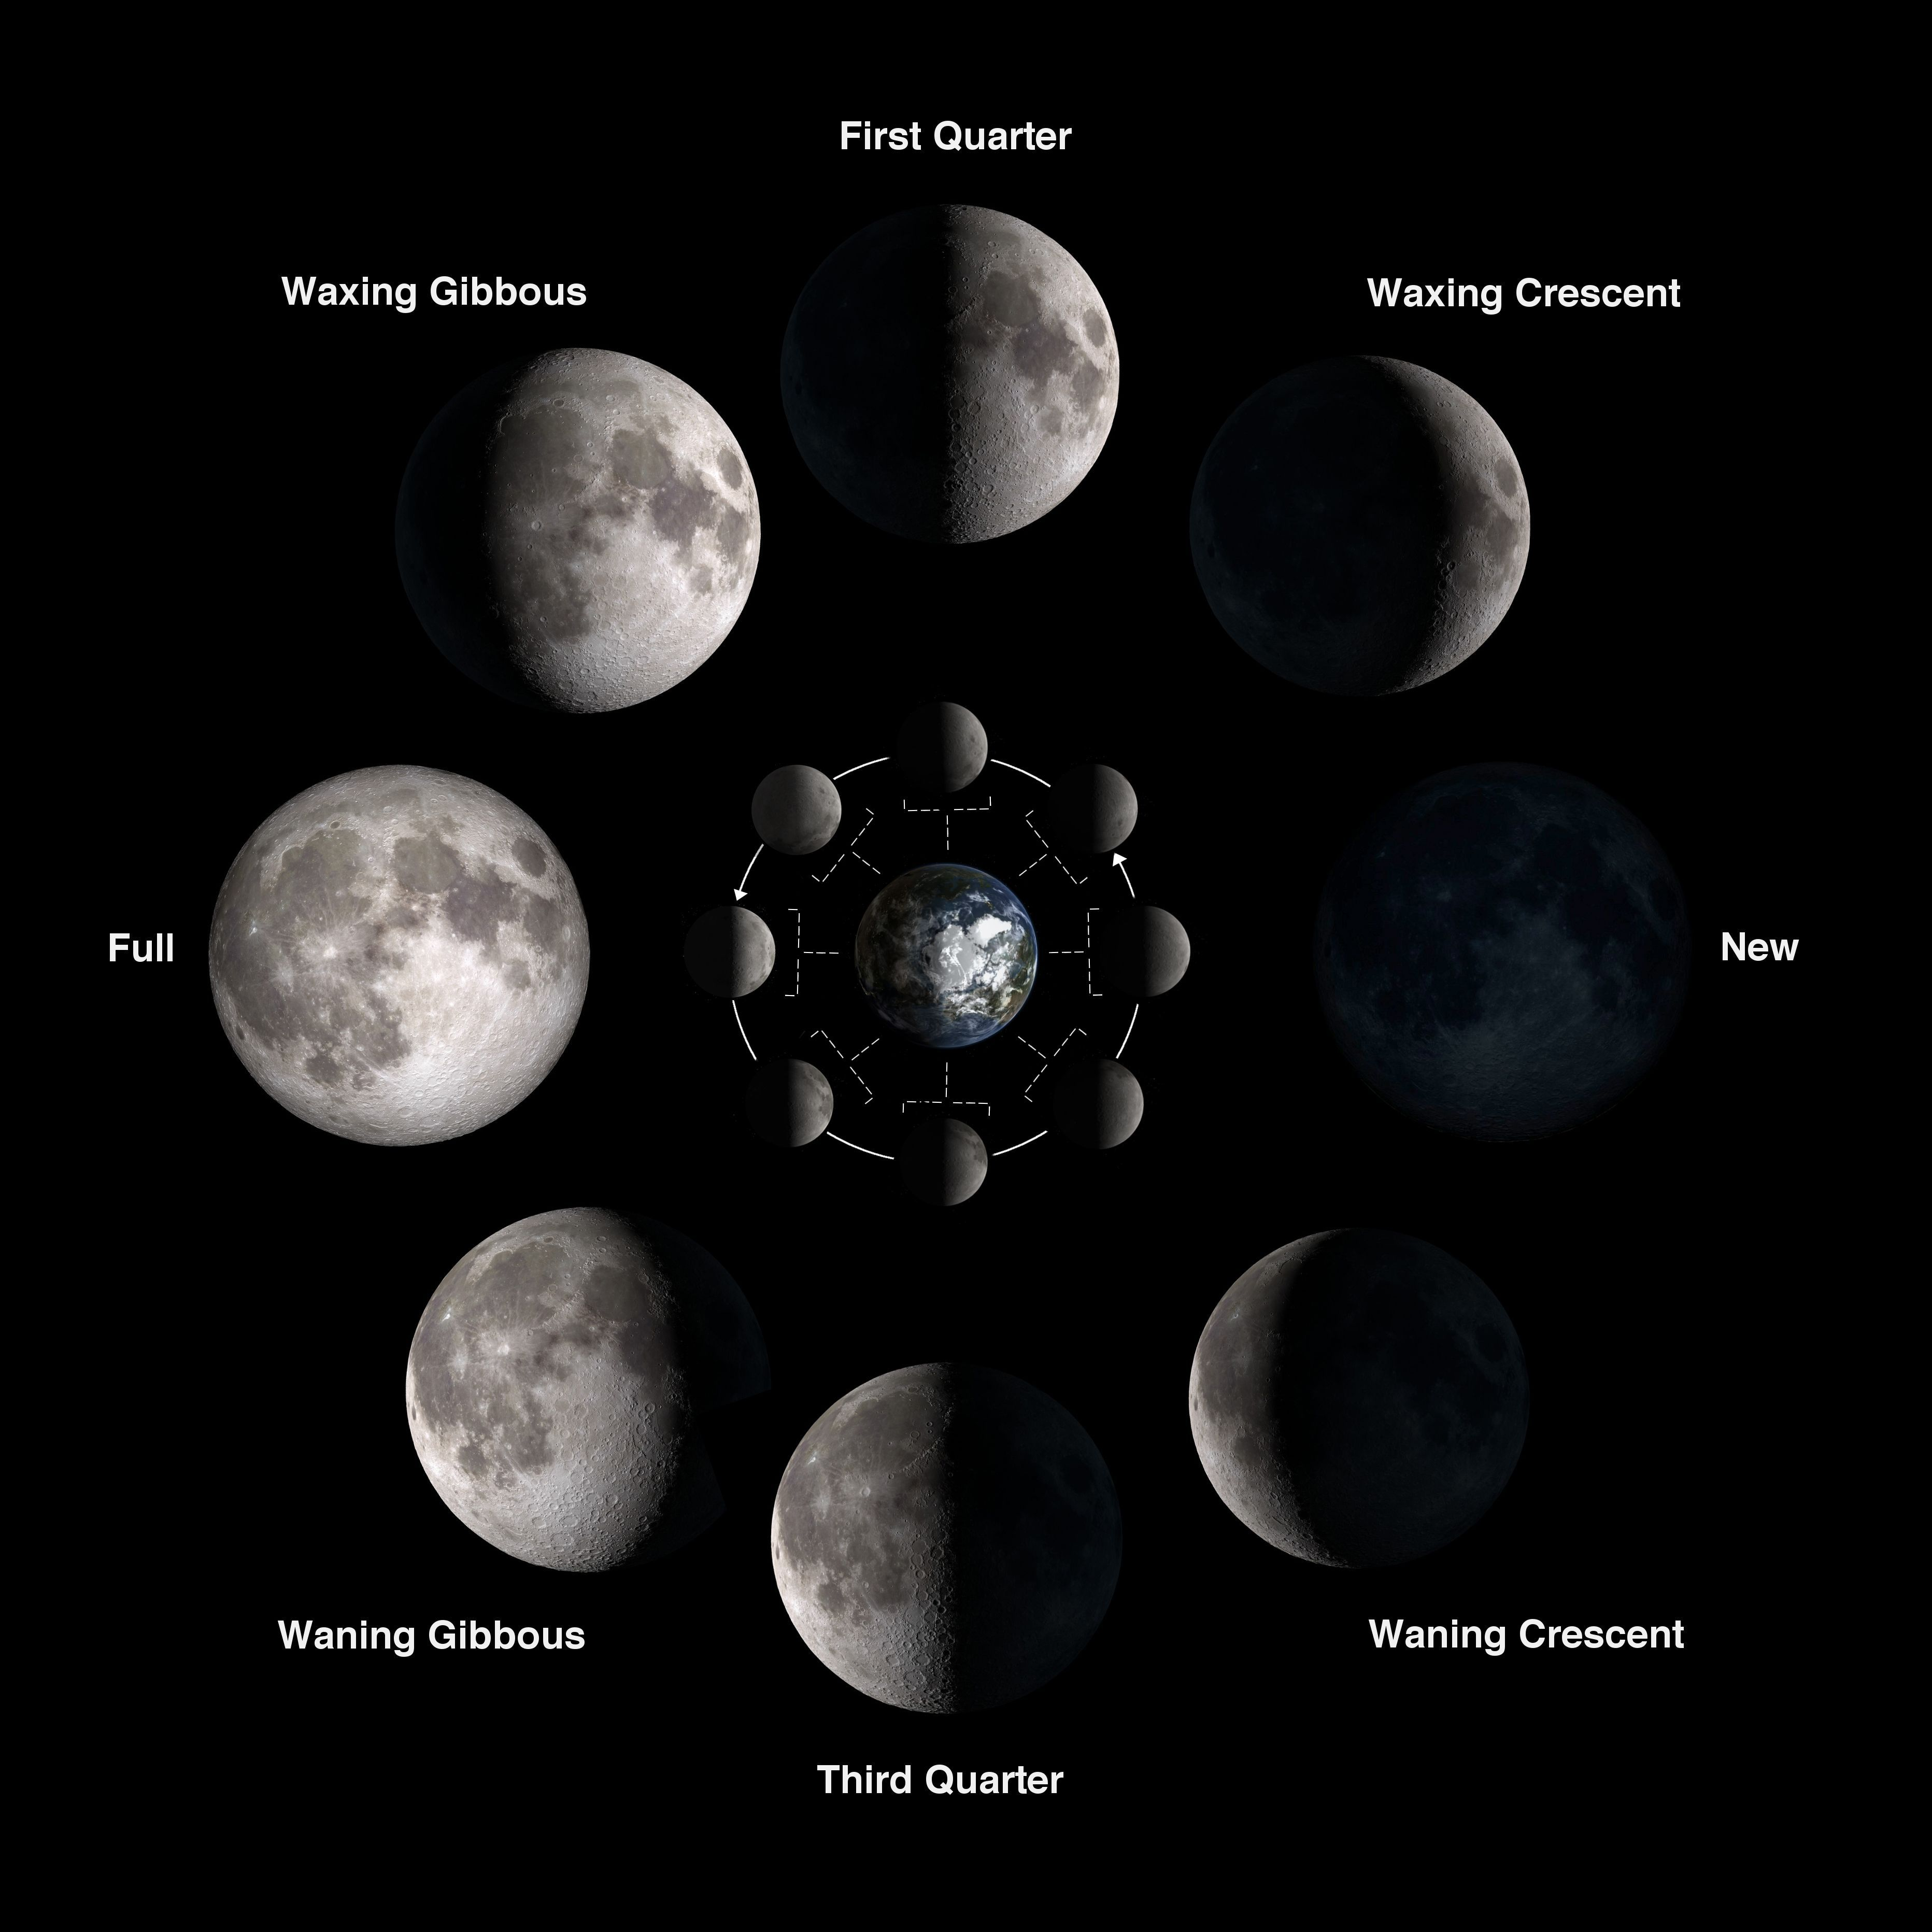 Las fases de la luna según ESO y NASA